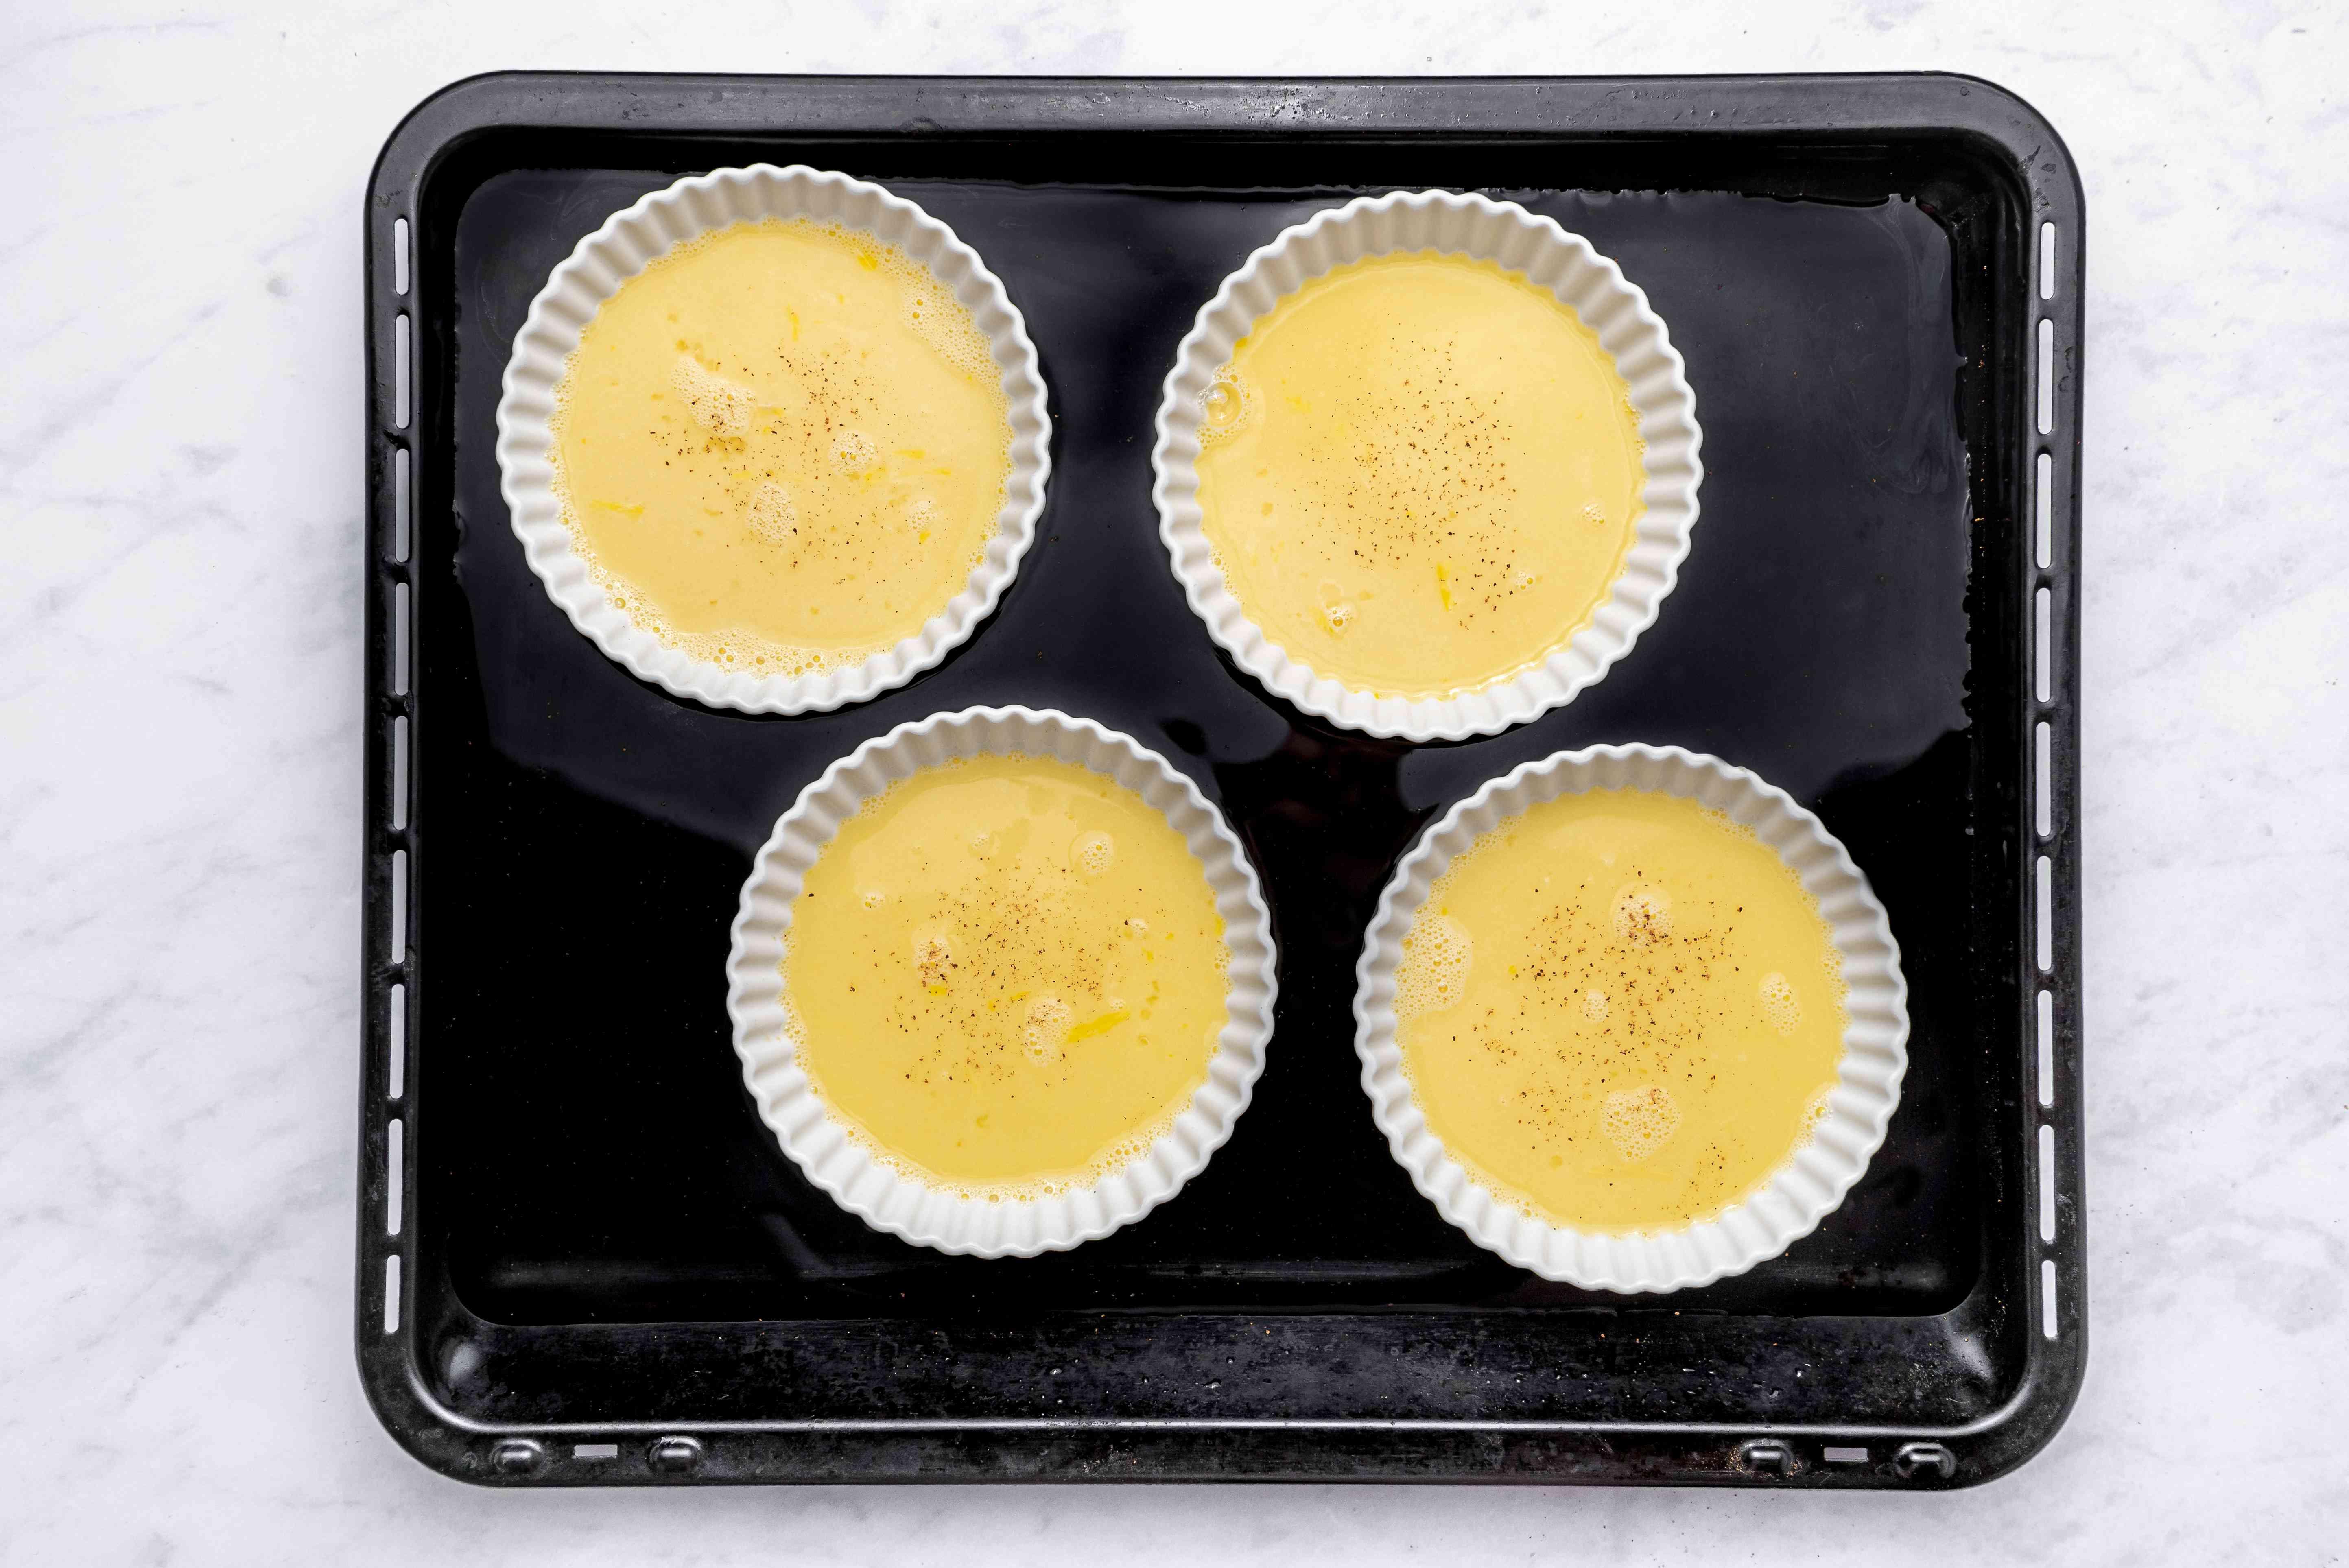 custard in ramekins, sprinkled with nutmeg